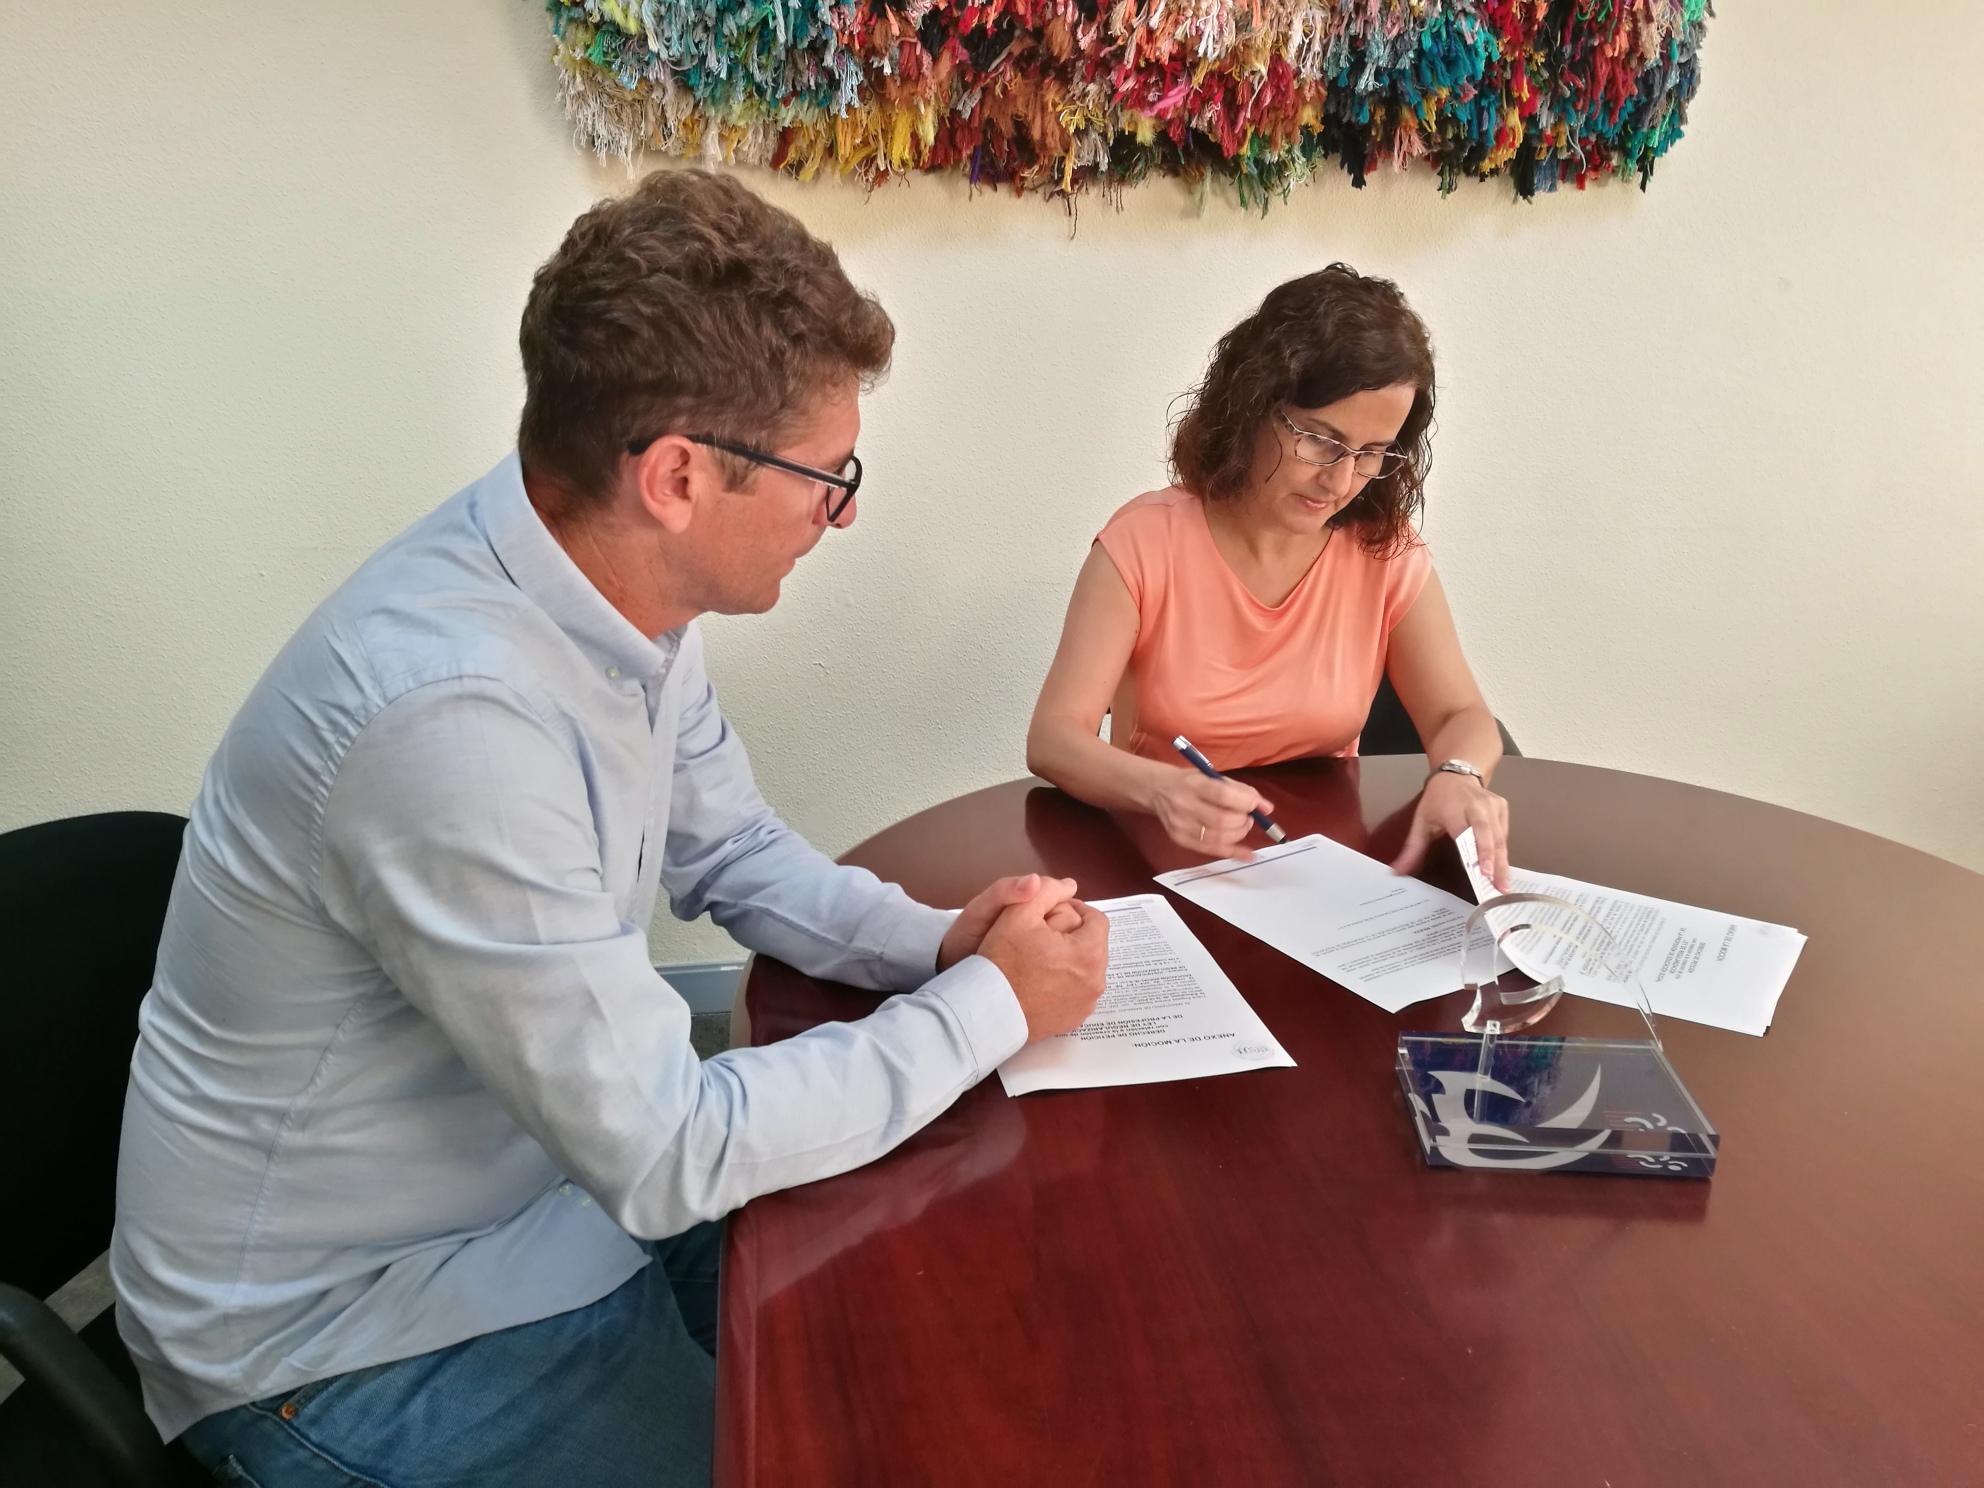 El Presidente del CEESCAN y la Decana Ángeles Perera, durante la suscripción a la iniciativa de demanda de creación de la nueva Ley